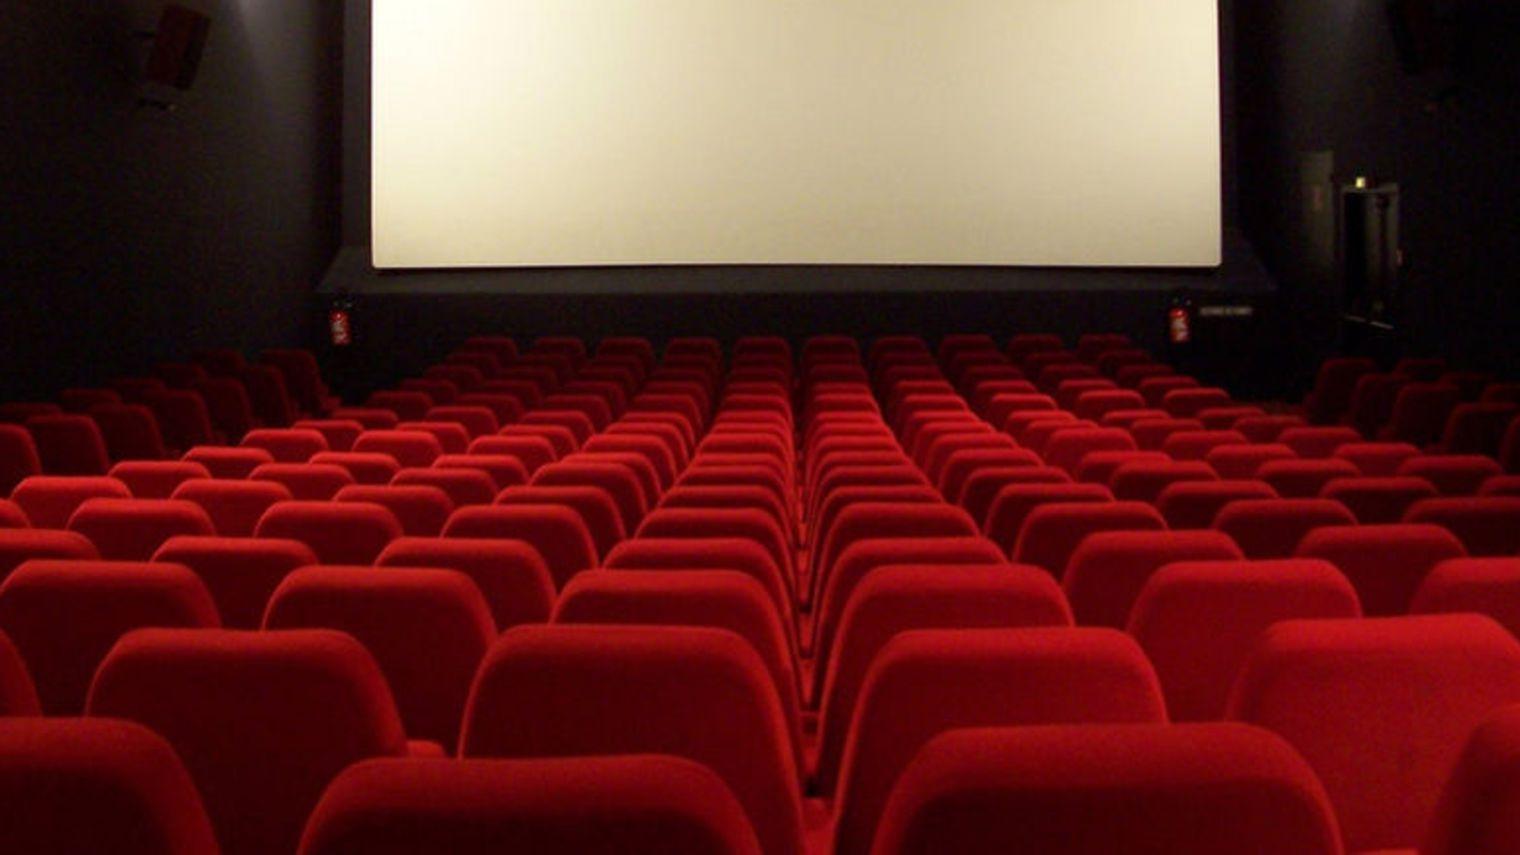 Ecole de cinema: voulez-vous devenir un cameraman?